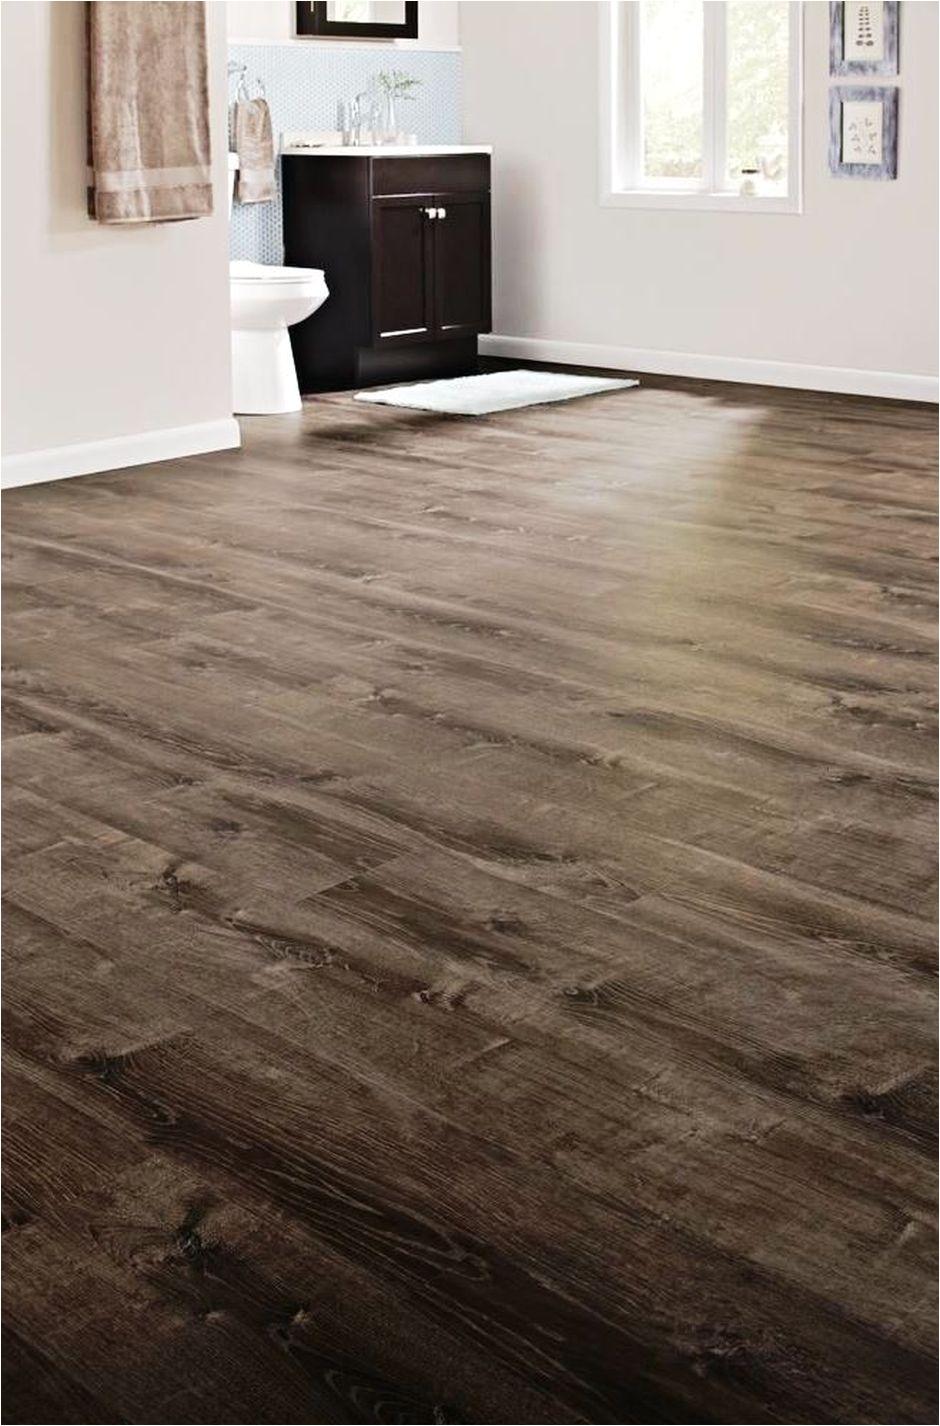 Is Lifeproof Vinyl Flooring Waterproof 50 Luxury Vinyl Plank Flooring to Make Your House Look Fabulous